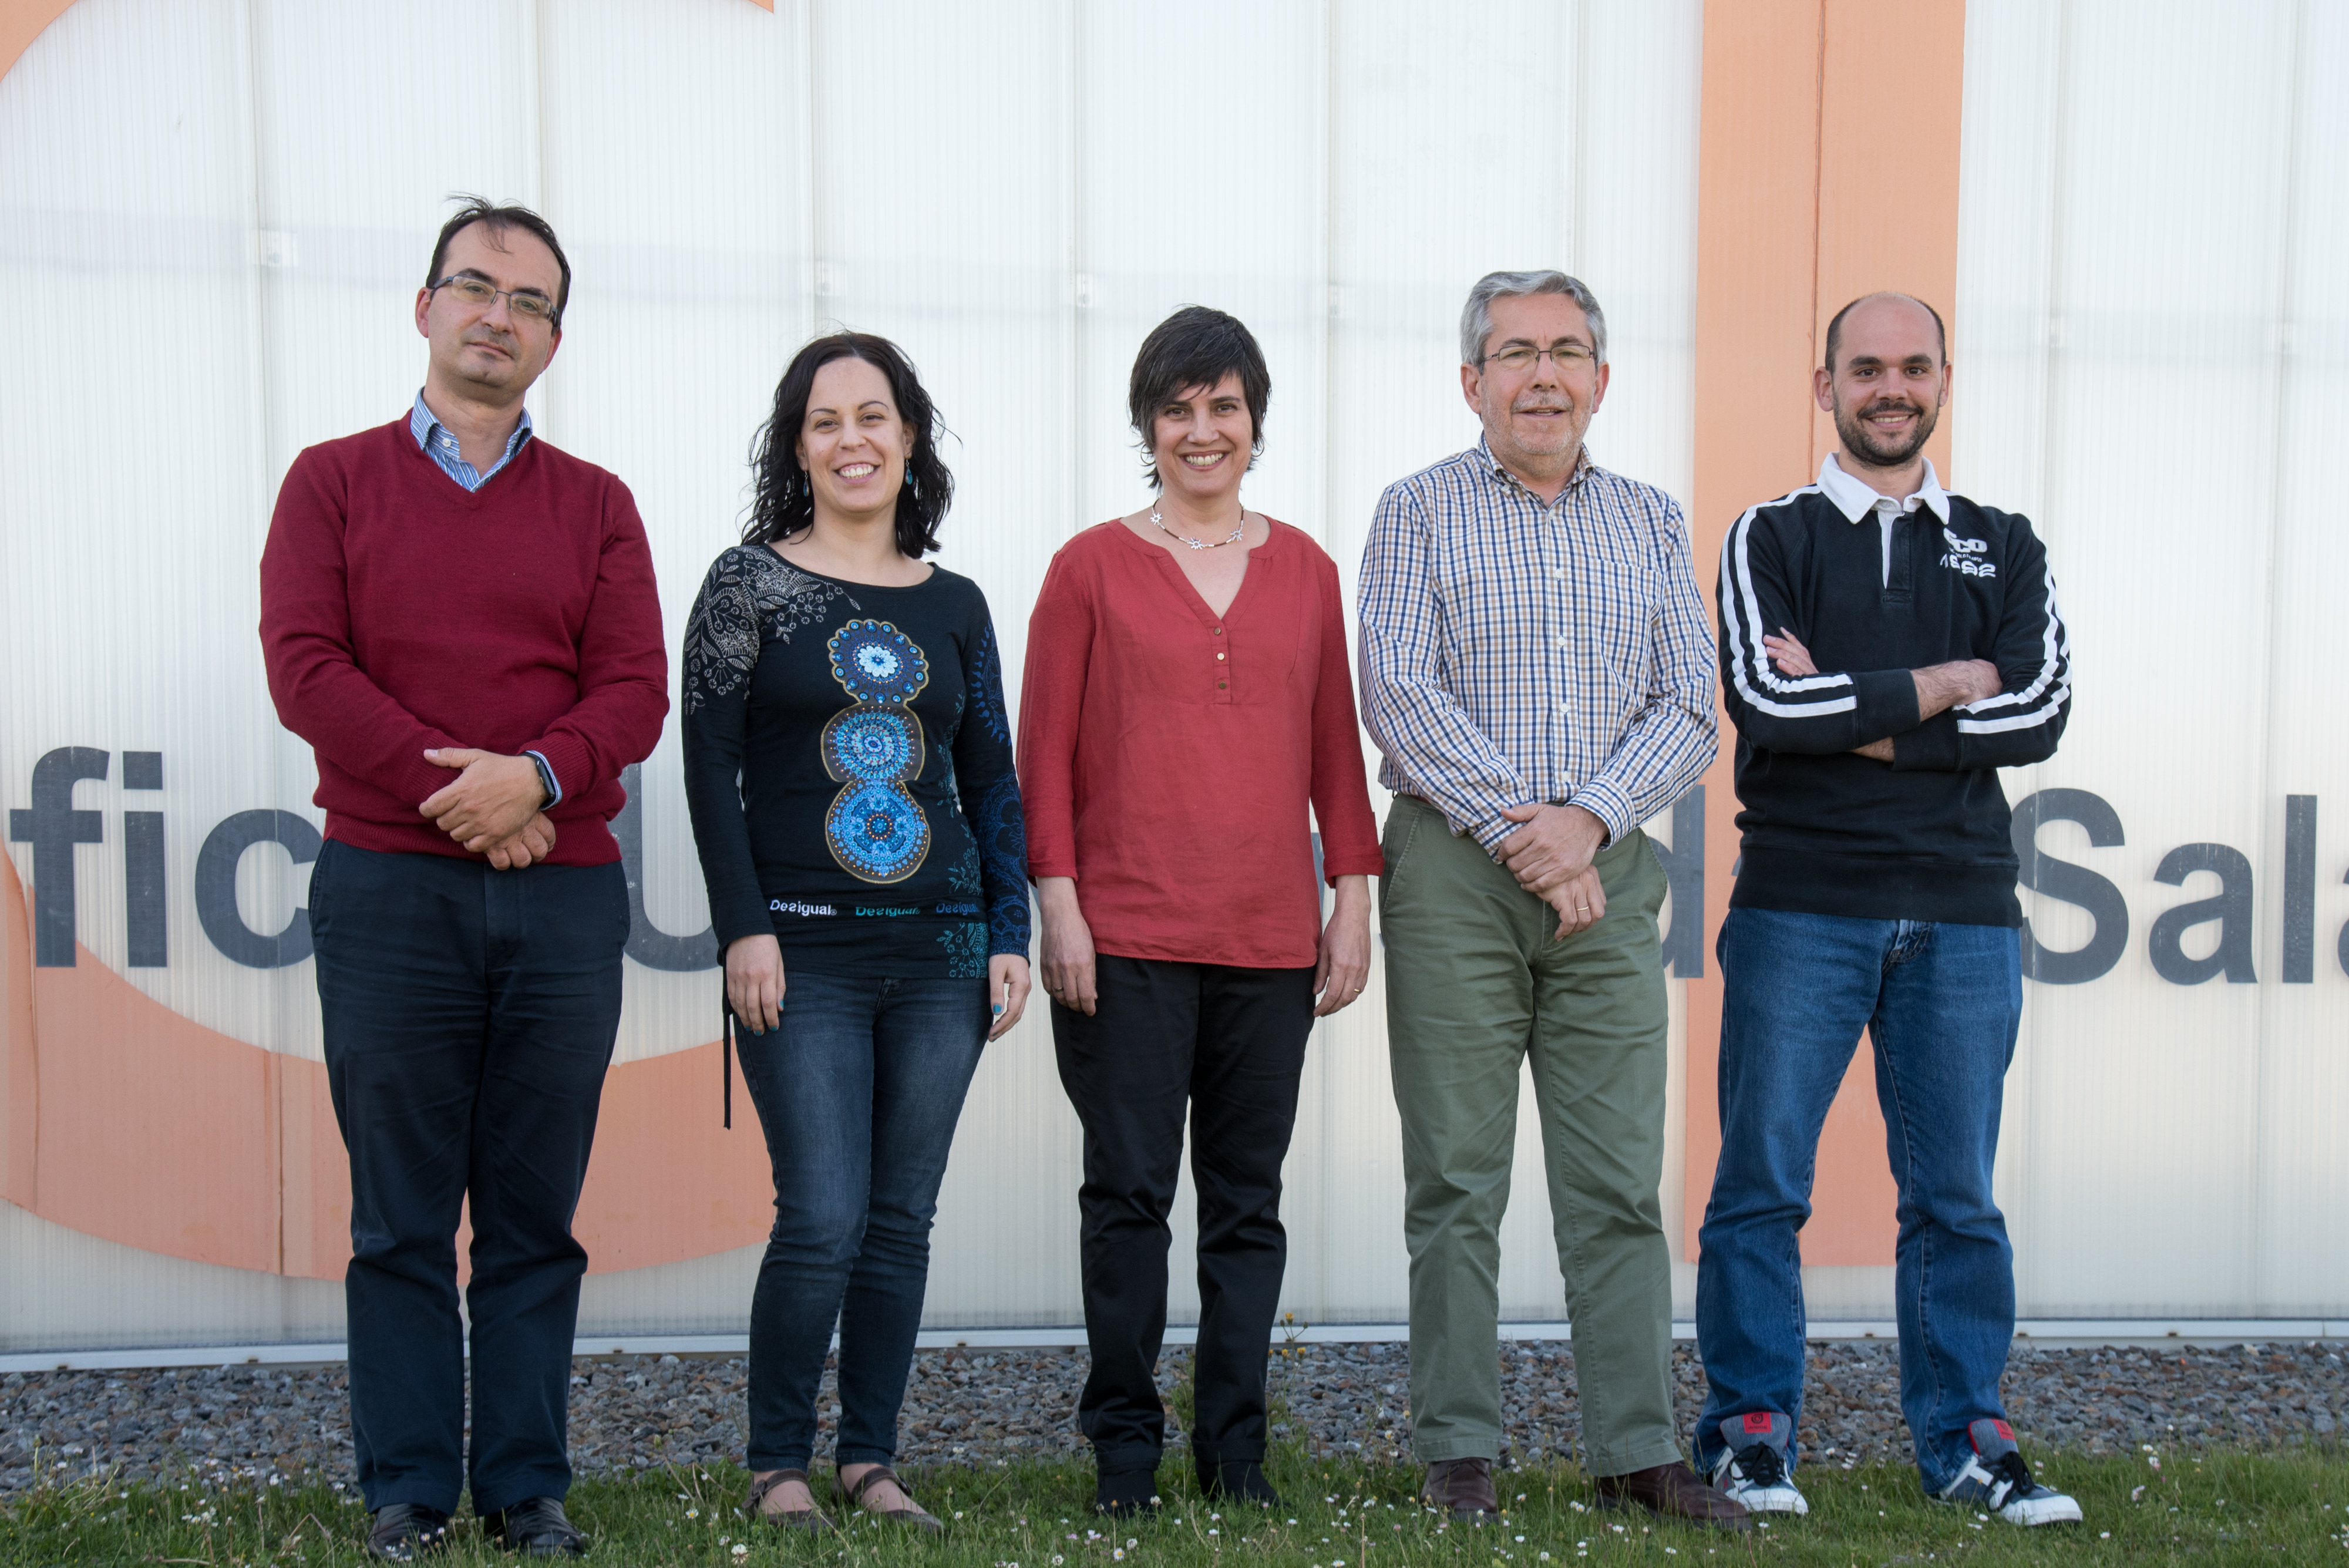 La Universidad de Salamanca desarrolla un innovador indicador para situaciones de sequía agrícola a nivel mundial